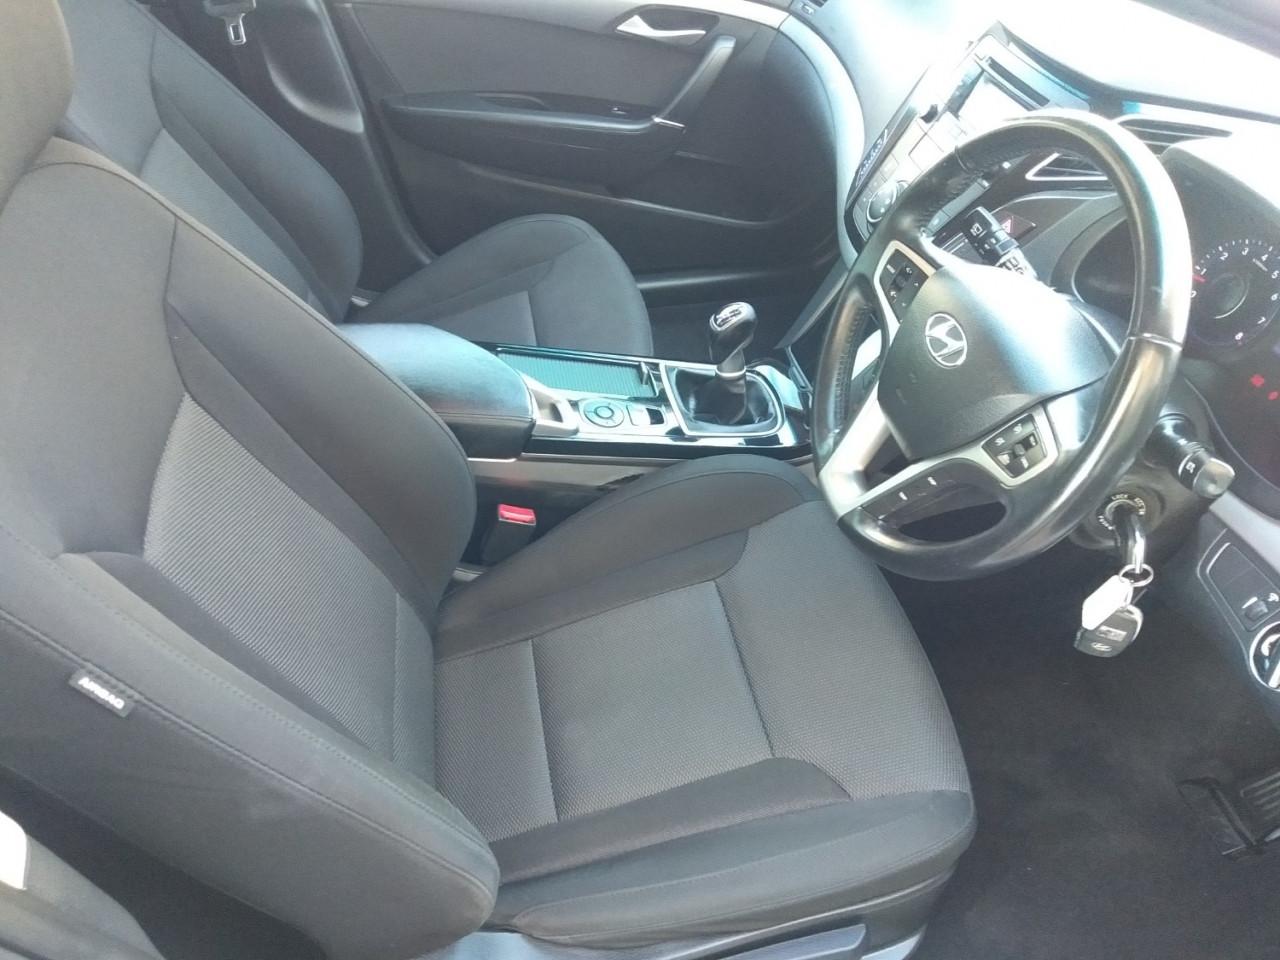 2013 Hyundai I40 VF2 ACTIVE Wagon Image 16